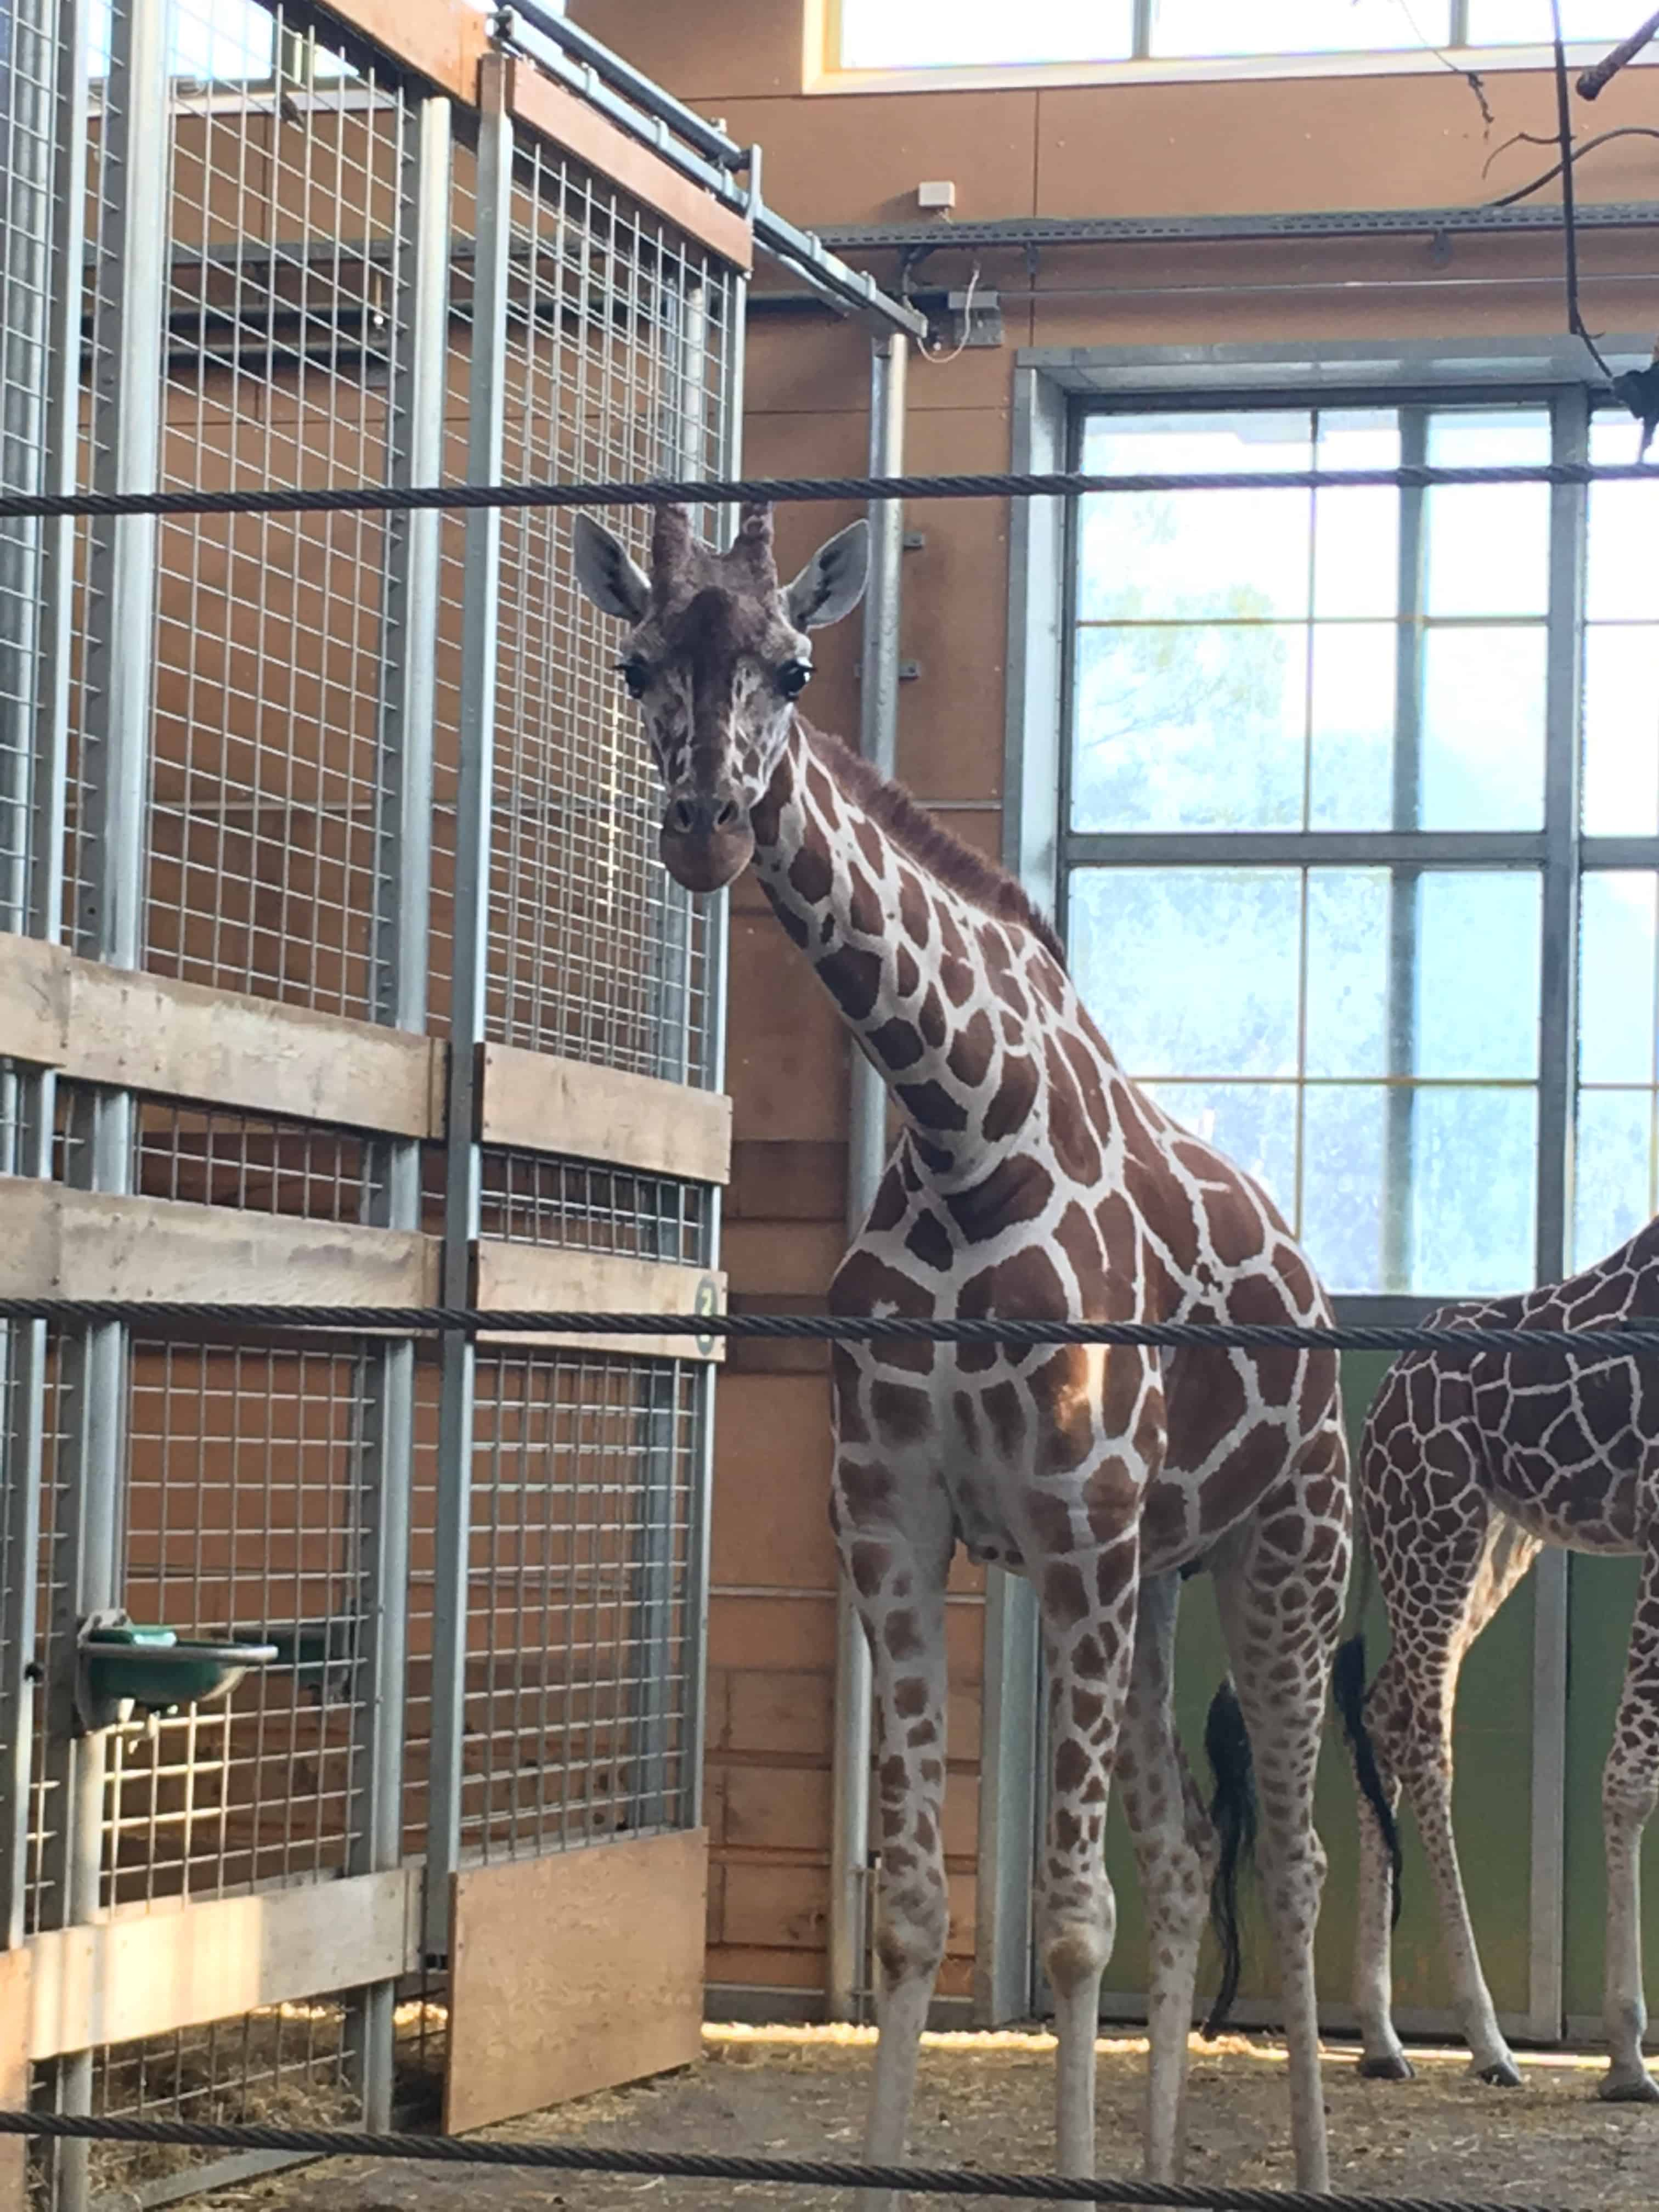 Nysgerrig giraf